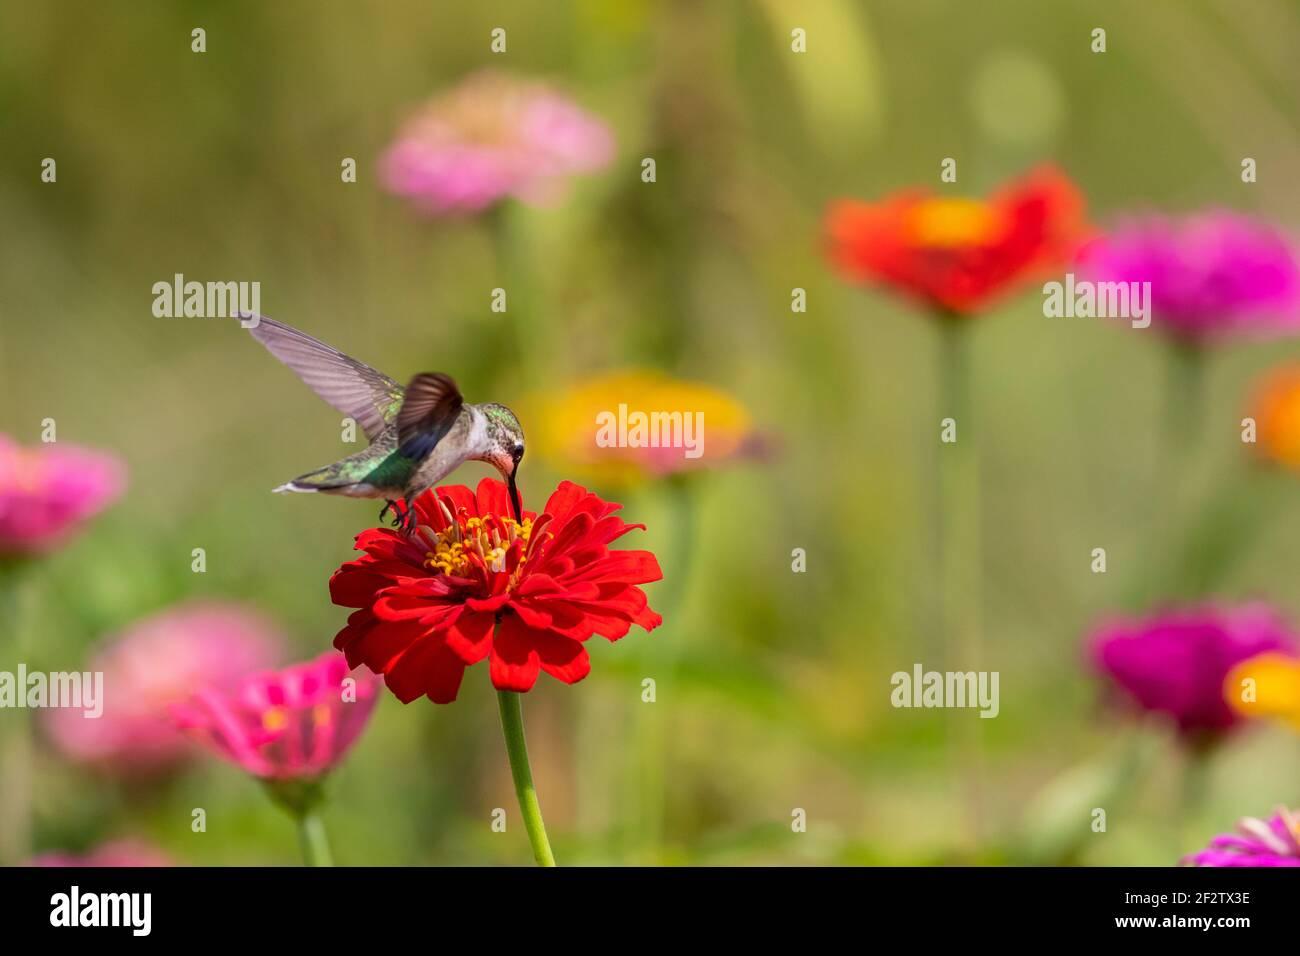 01162-17012 Hummingbird de garganta rubí (Archilochus colubris) en Zinnias Union Co. IL Foto de stock